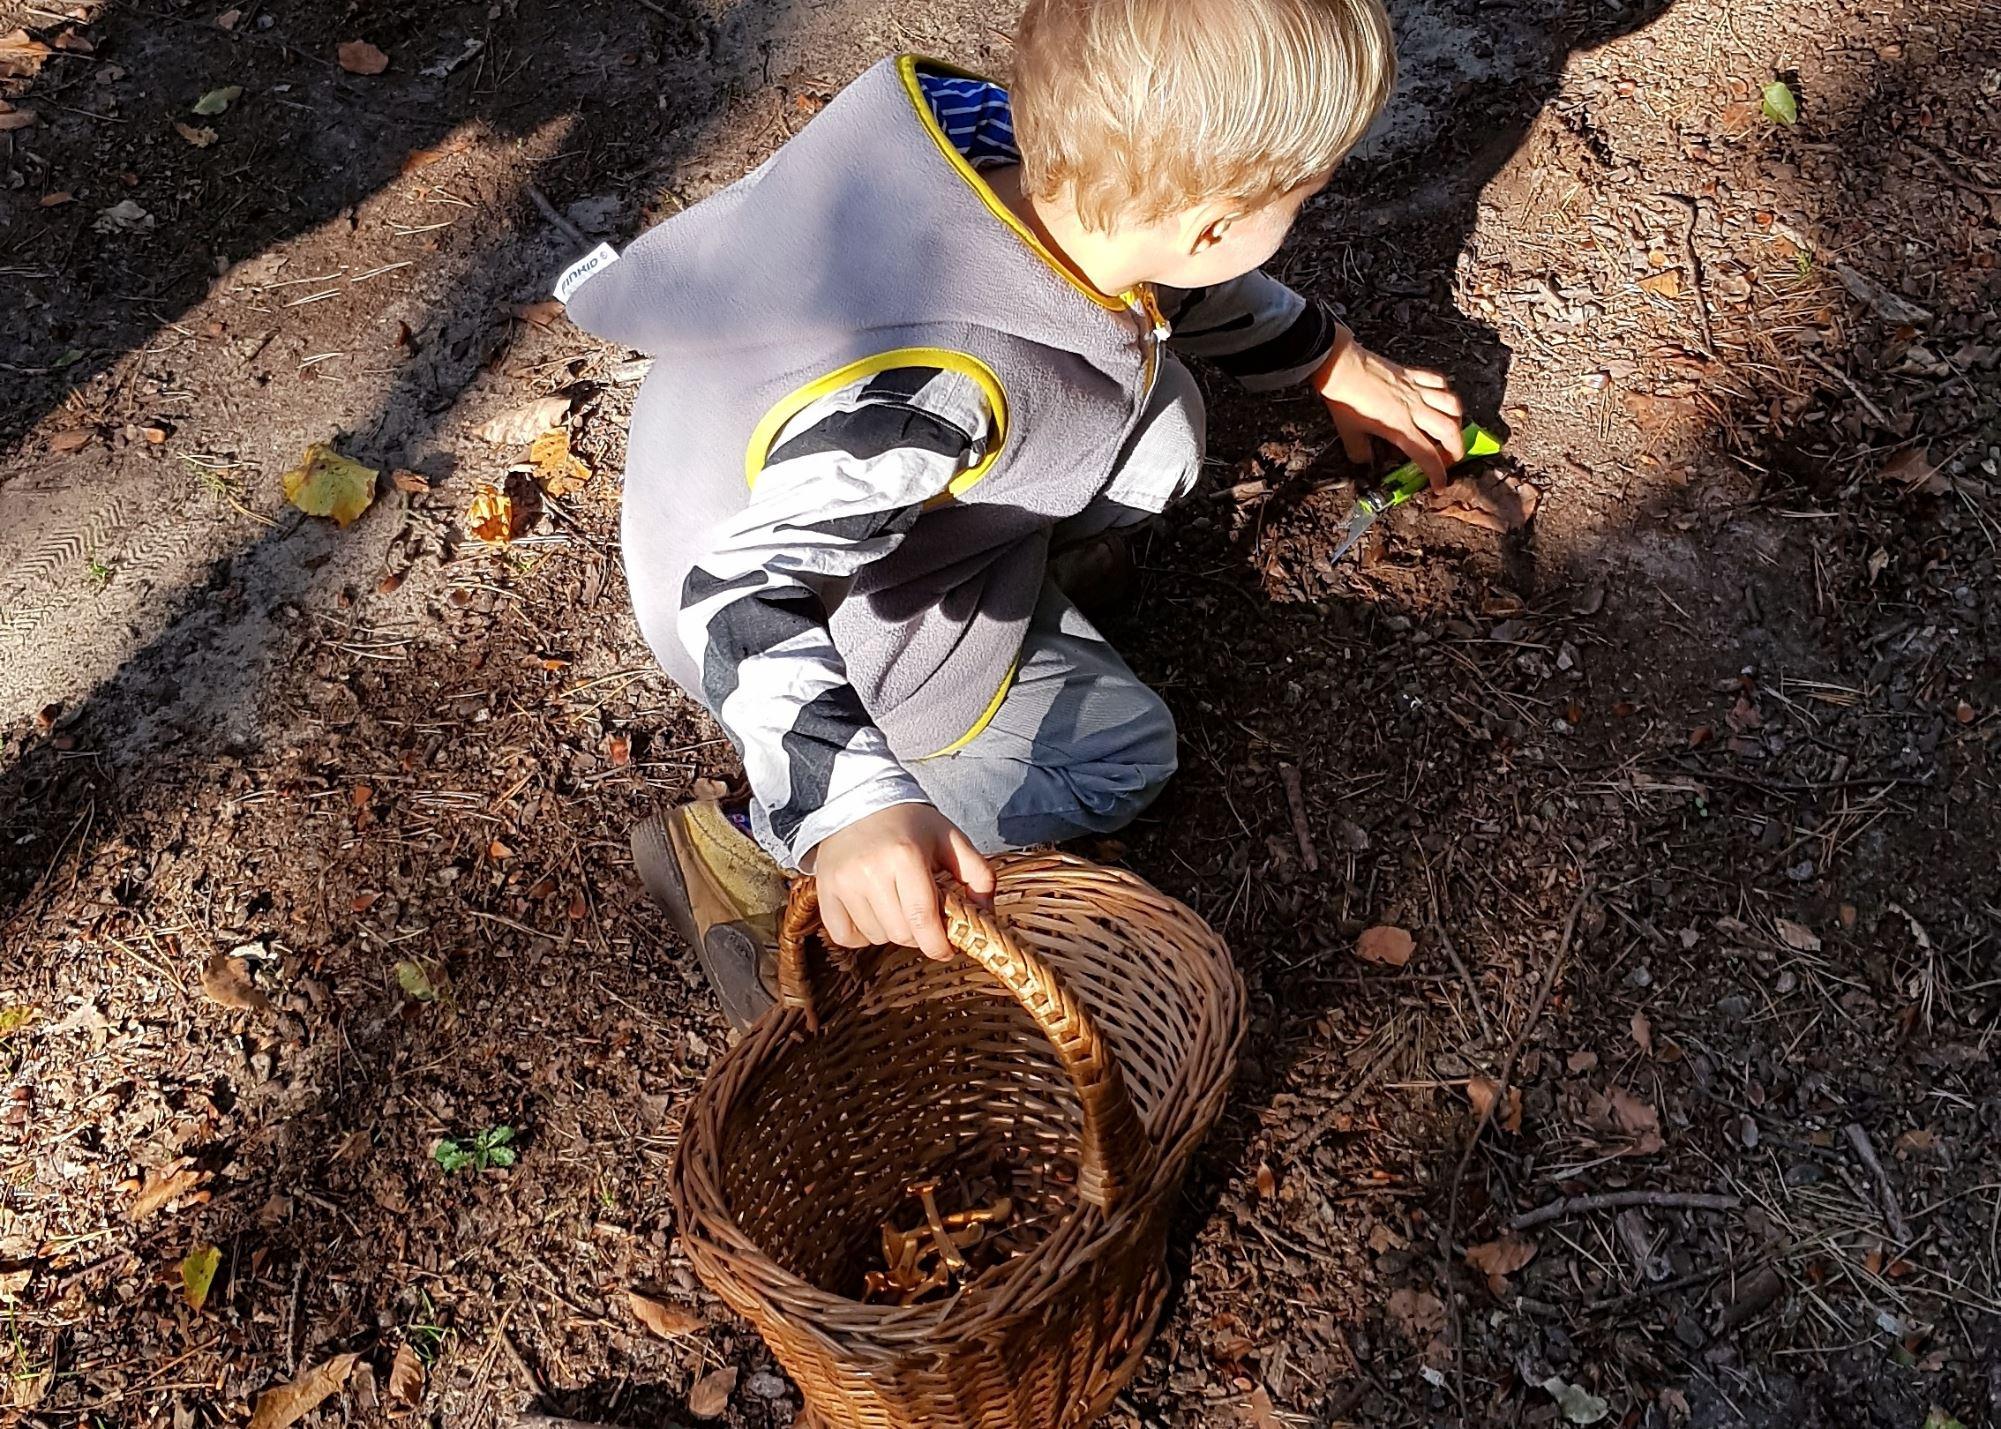 Pilze sammeln im Wald - ein Spaß für Kinder